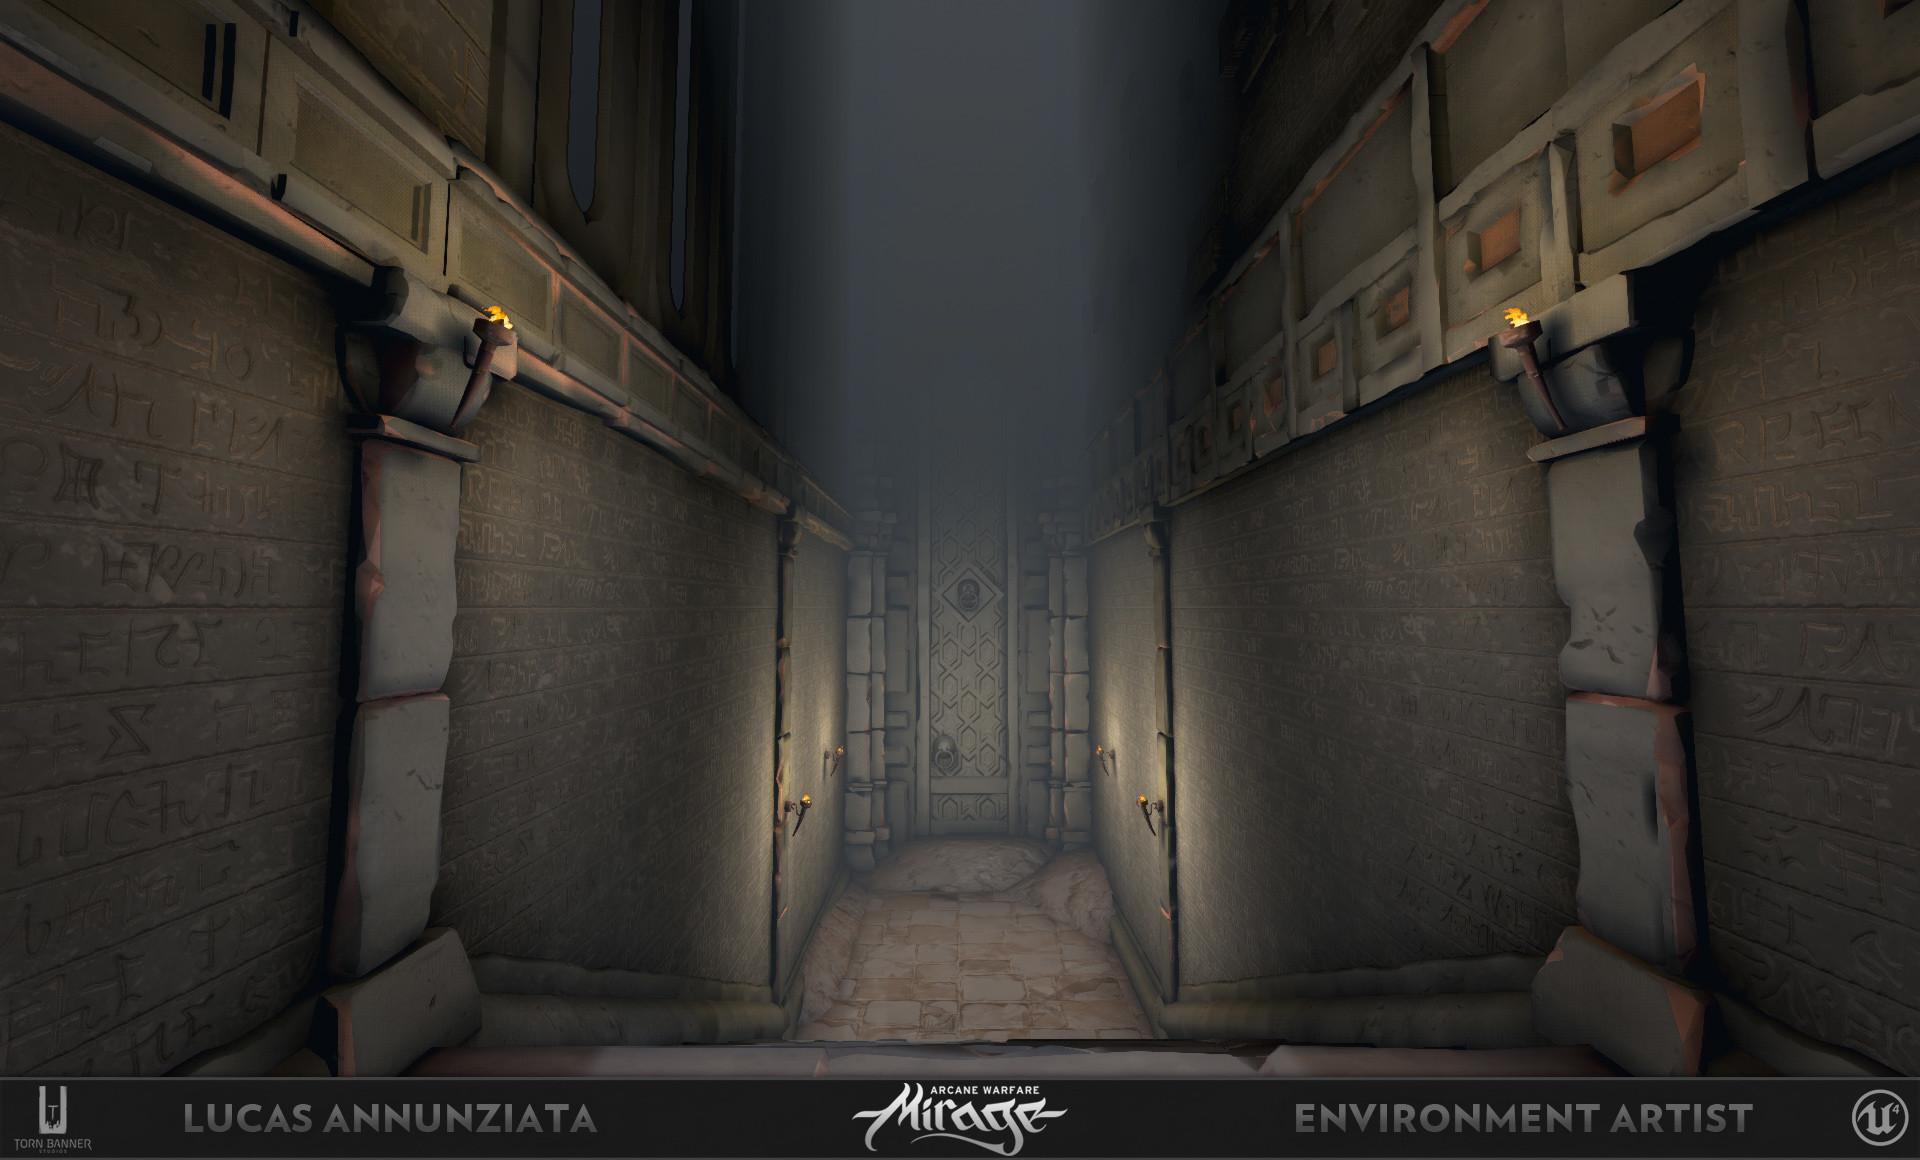 Lucas annunziata tunnel 02